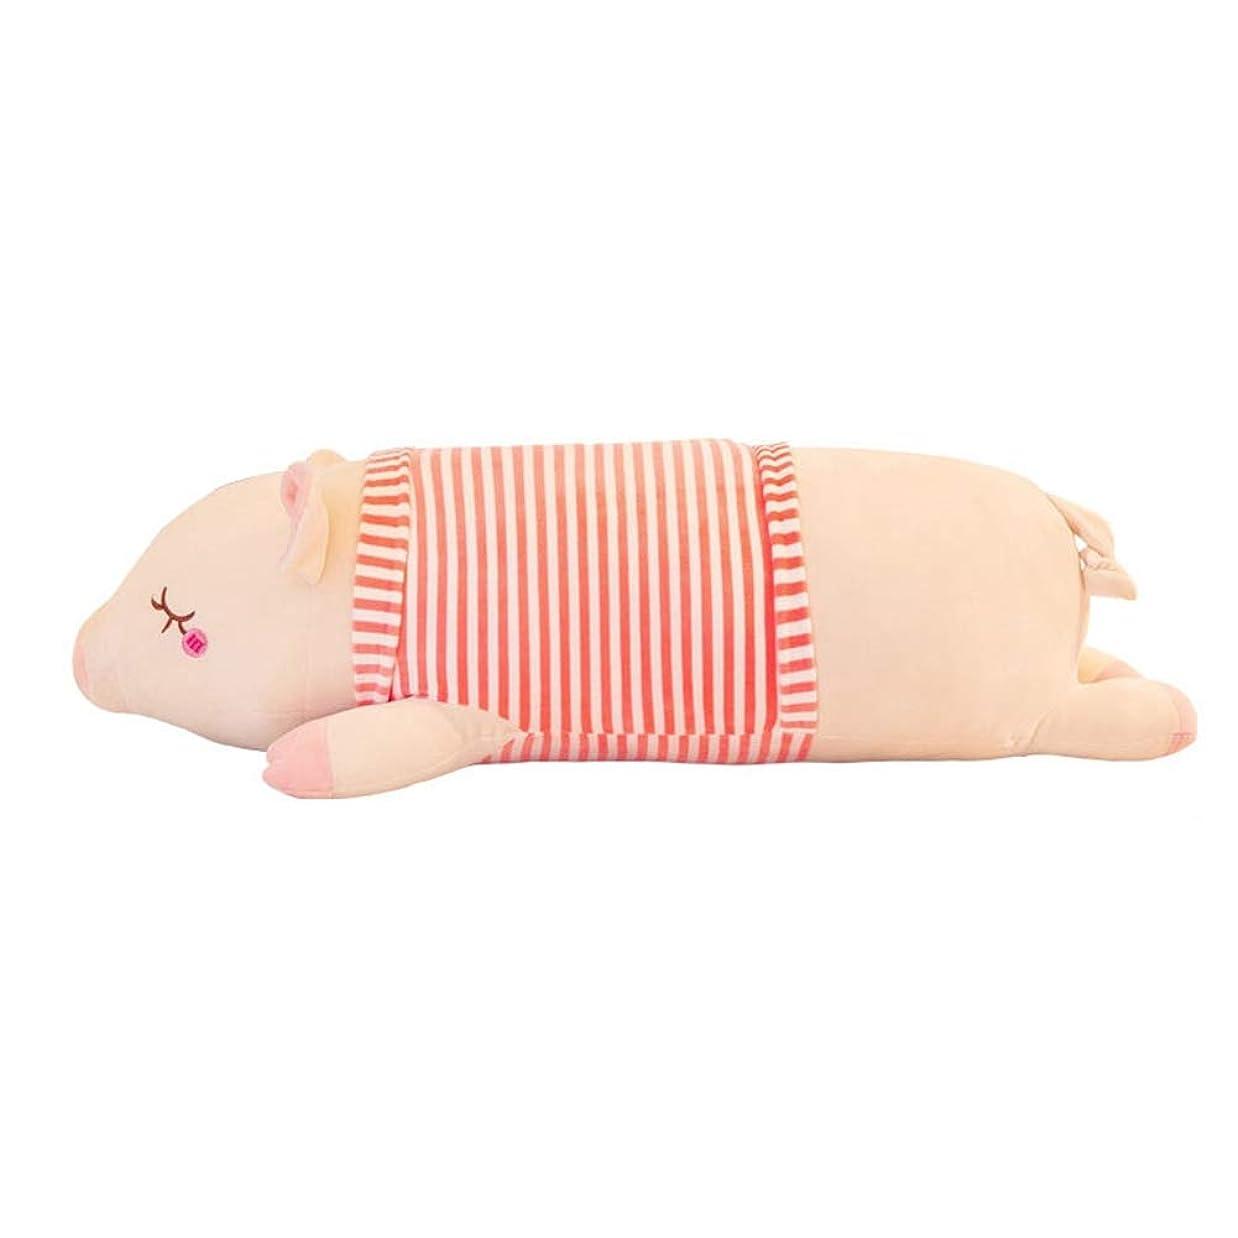 レディシャンプー請願者ブタ 縫い包み ねむねむ pig 抱きまくら 大きいサイズ 可愛い 添い寝 クリスマス 店飾り 超可愛い こども用 キャラクター 置物 お誕生日 豚ぬいぐるみ 背立て 目閉め 女の子 ソフト クッション 50cm